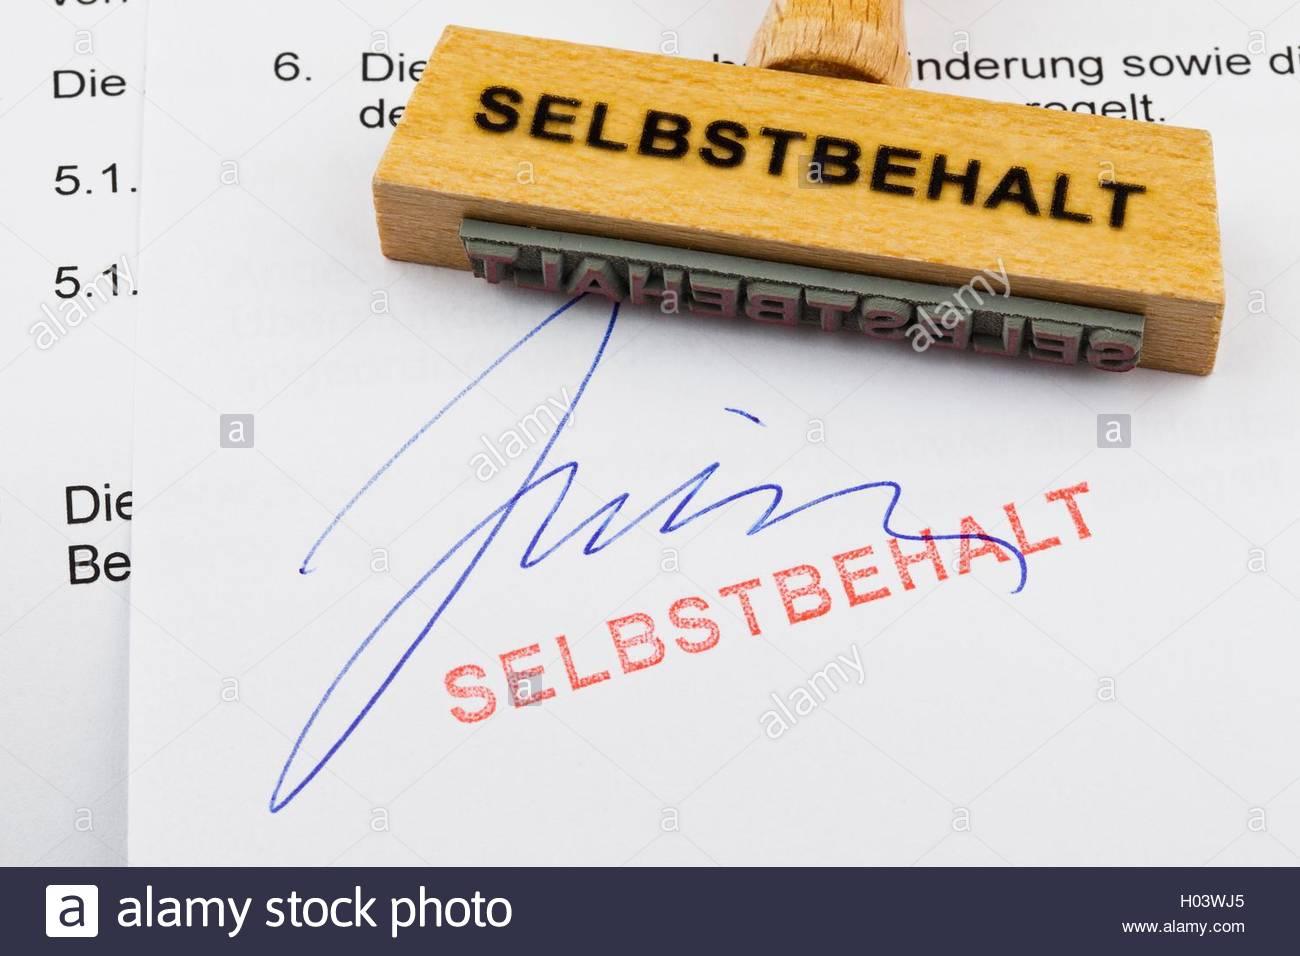 BLWX018190 [ (c) blickwinkel/McPHOTOx/Erwin Wodicka Tel. +49 (0)2302-2793220, E-mail: info@blickwinkel.de, Internet: www.blickwi Stock Photo